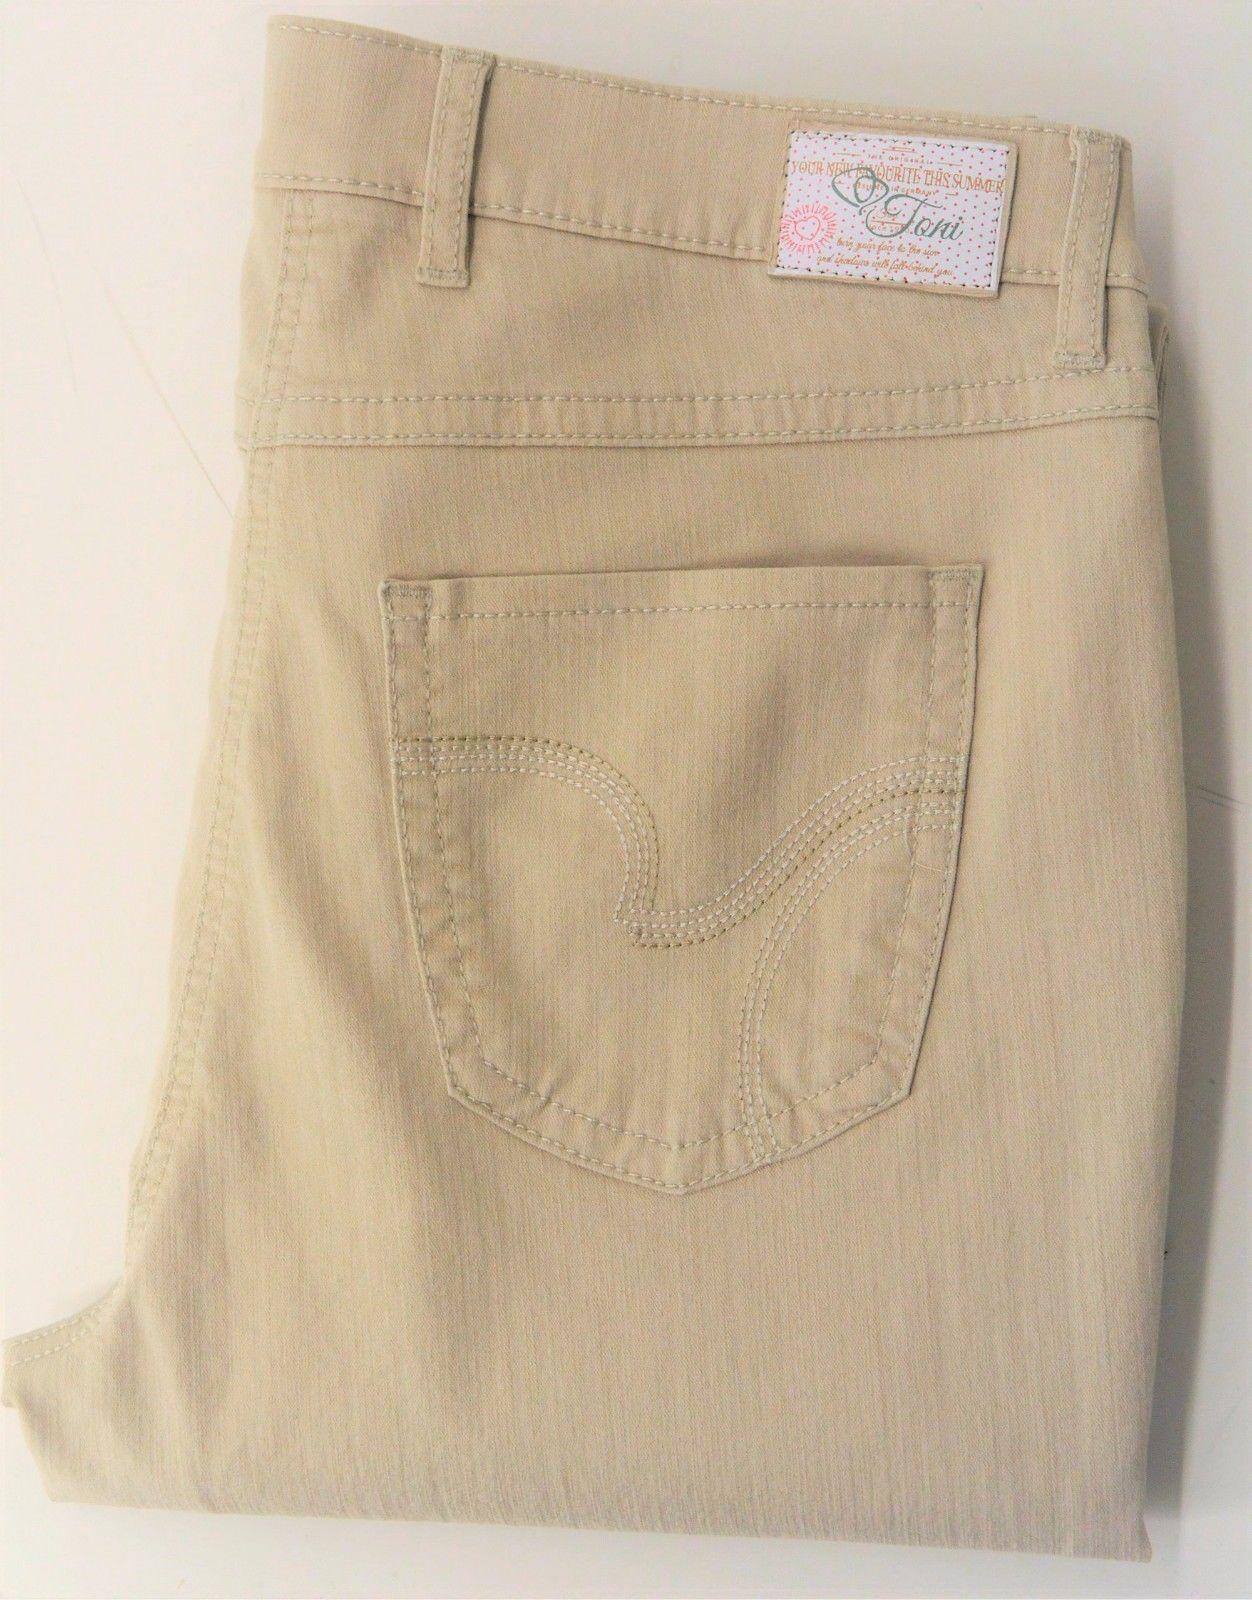 Toni Fashion Perfect Shape, modische 7 8 Jeans in Beige, Stretch, Gr. wählbar   Fein Verarbeitet    Kostengünstig    Vielfältiges neues Design